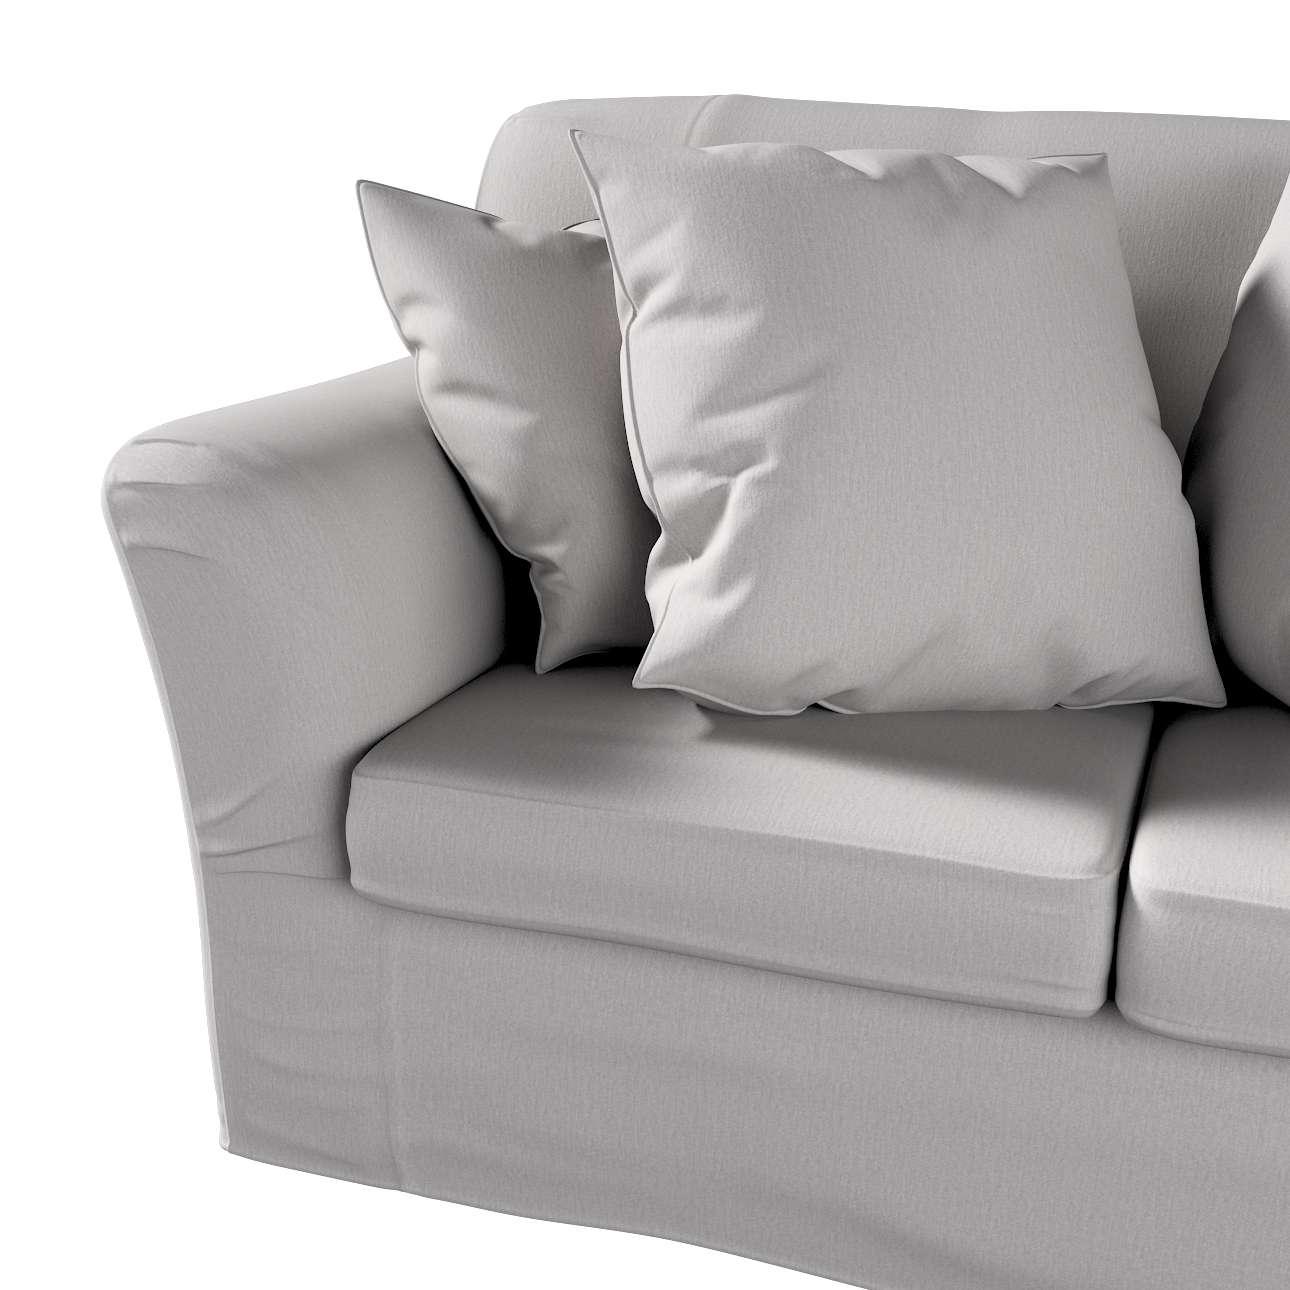 Pokrowiec na sofę Tomelilla 2-osobową nierozkładaną w kolekcji Chenille, tkanina: 702-23